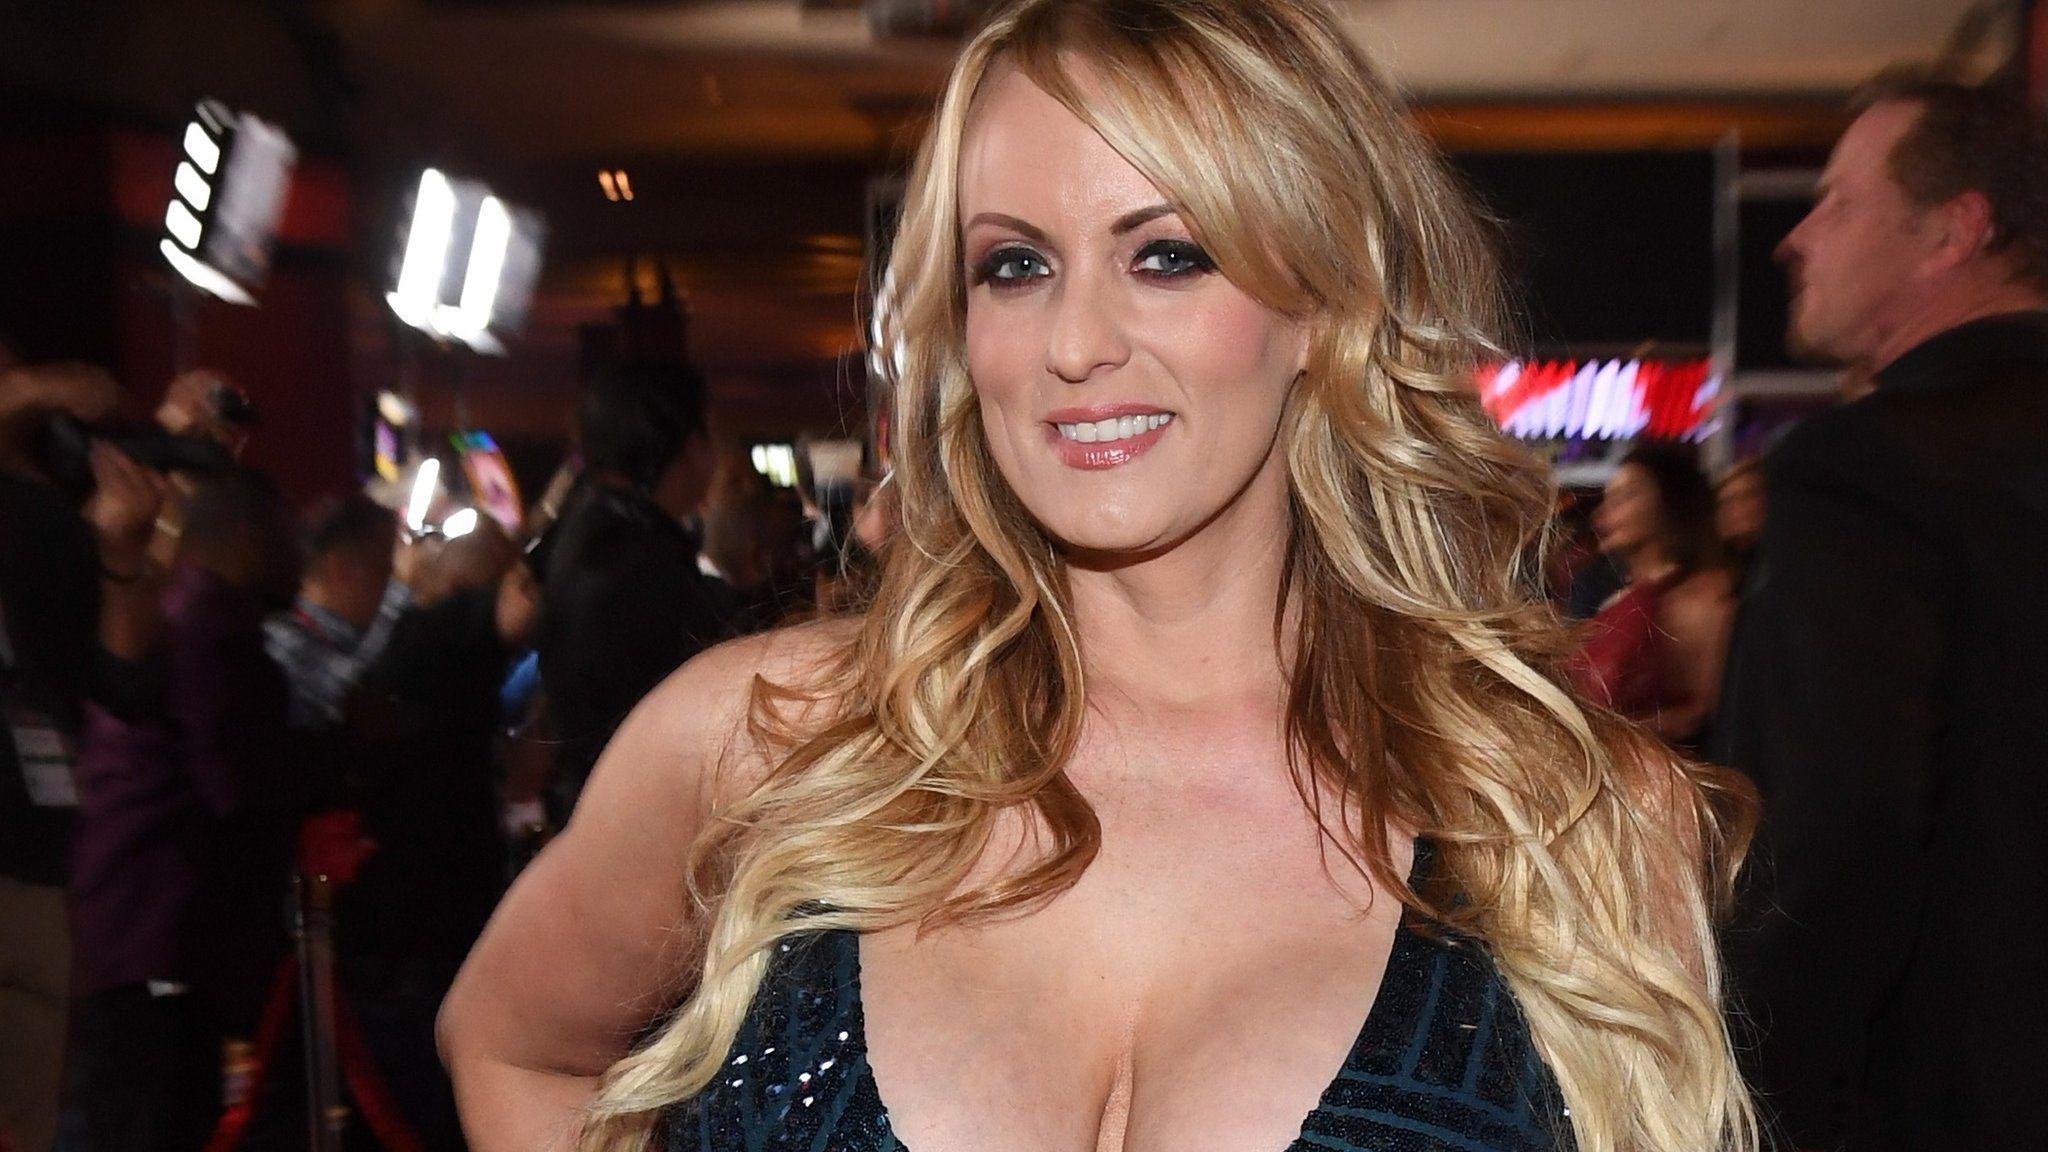 Actriz Porno Estadounidense Se Retira retiran cargos contra stormy daniels, la actriz porno que